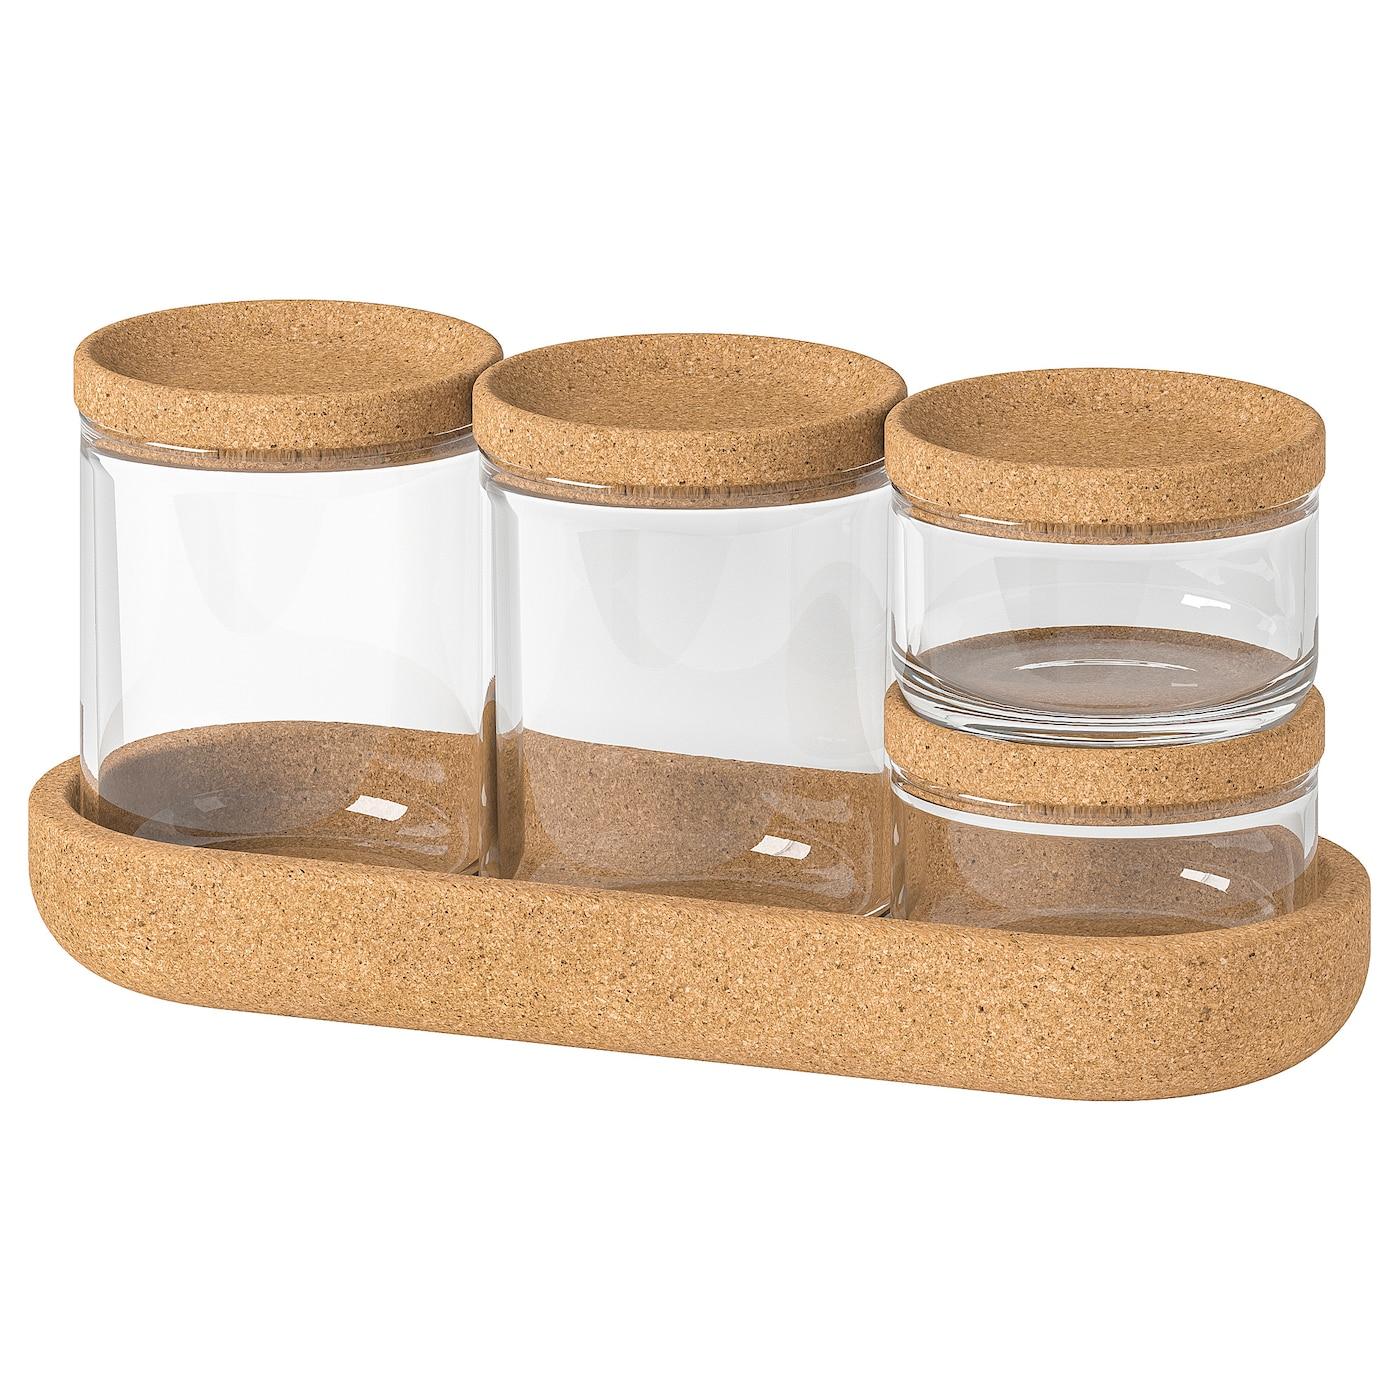 SAXBORGA 4 Gläser/Deckel + Tablett 5er-Set - Glas Kork